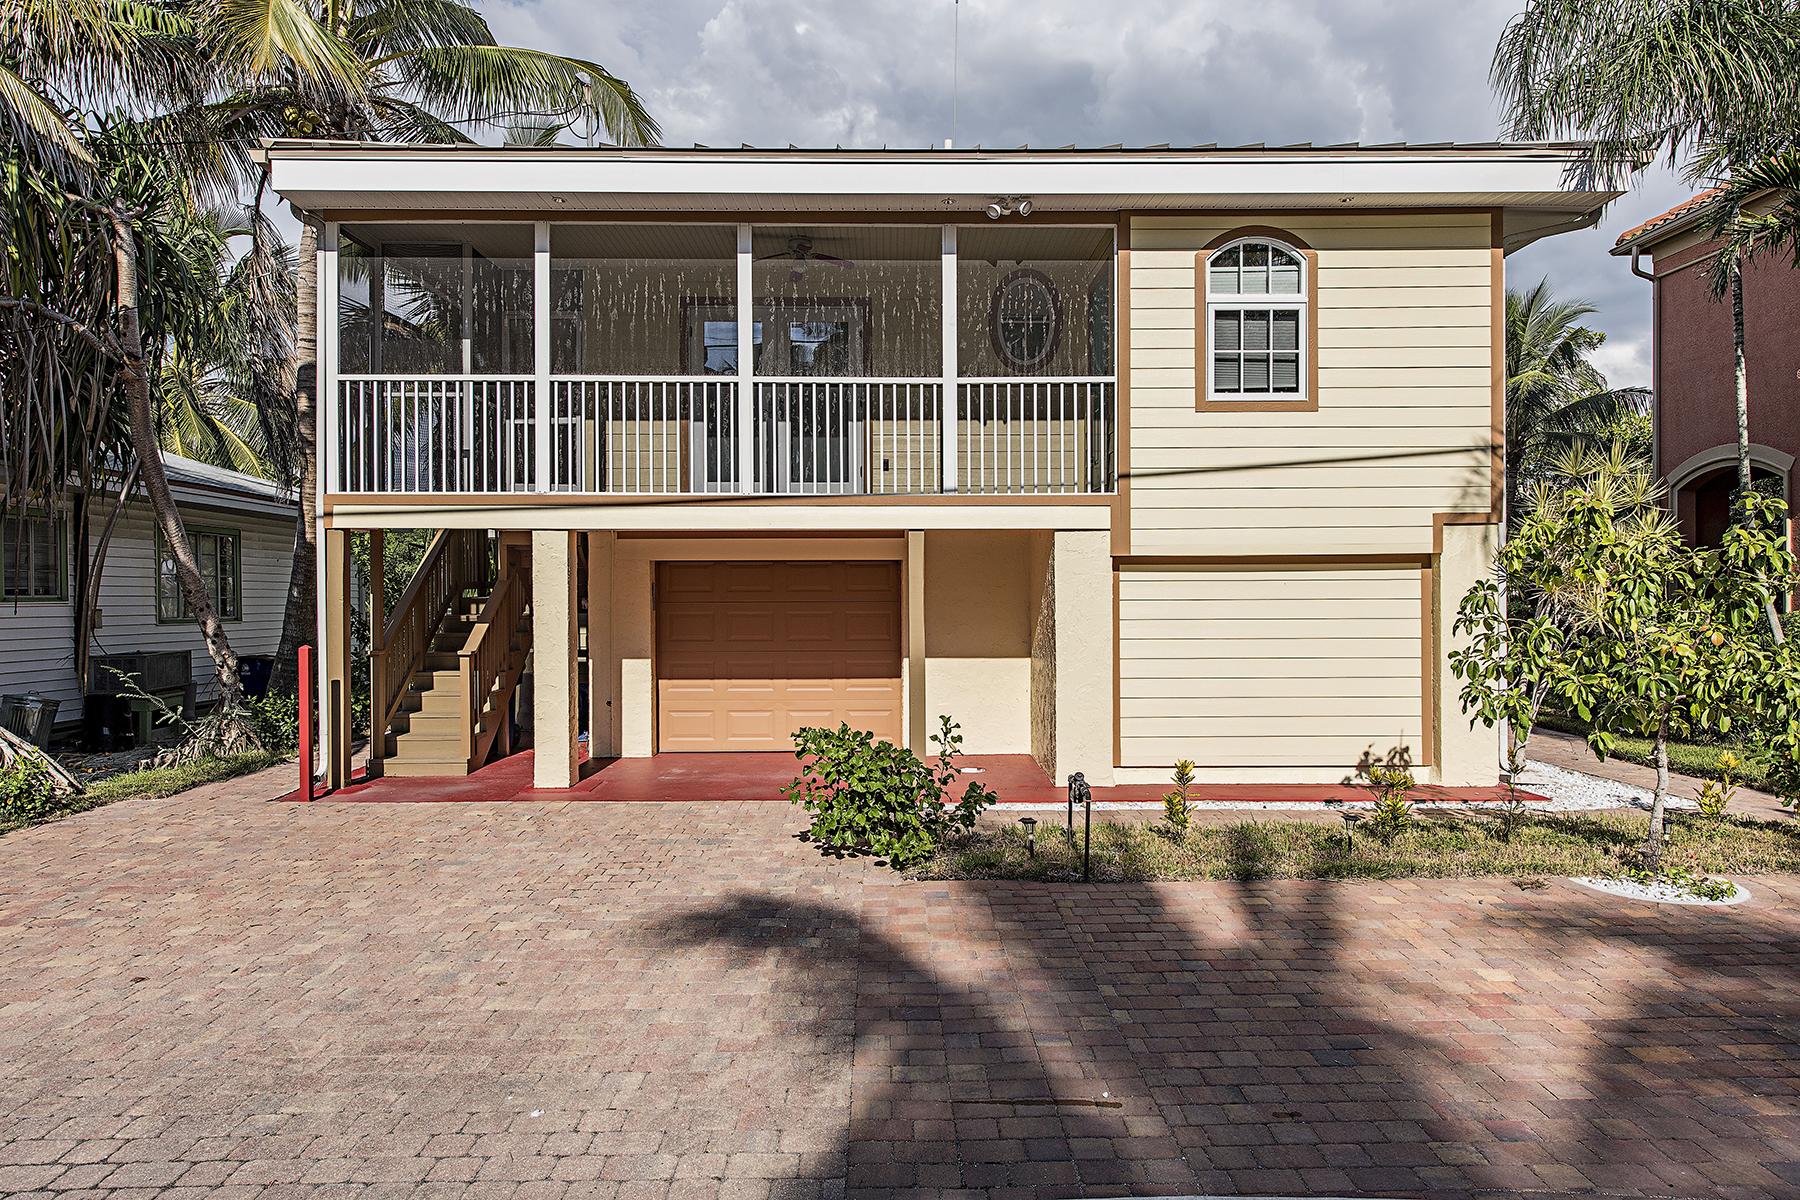 一戸建て のために 売買 アット Bonita Springs 26867 Hickory Blvd Bonita Springs, フロリダ, 34134 アメリカ合衆国